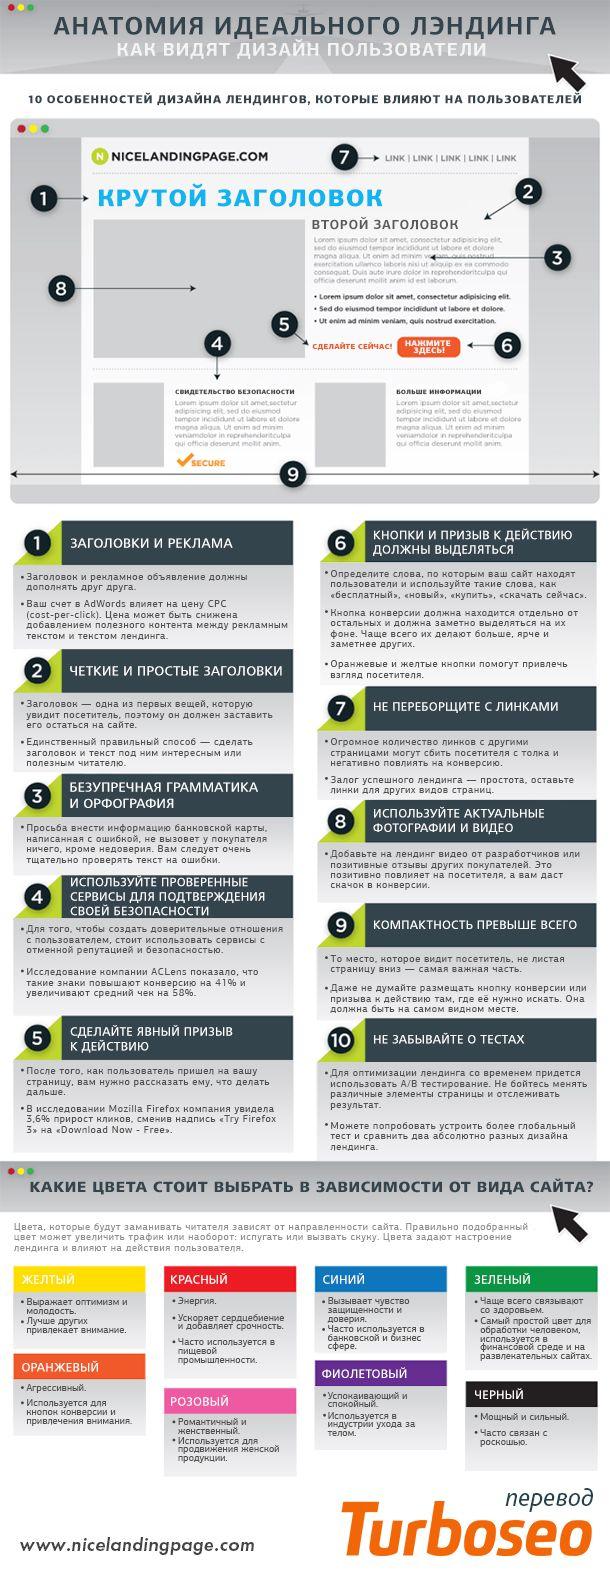 Анатомия превосходной посадочной страницы [Инфографика]